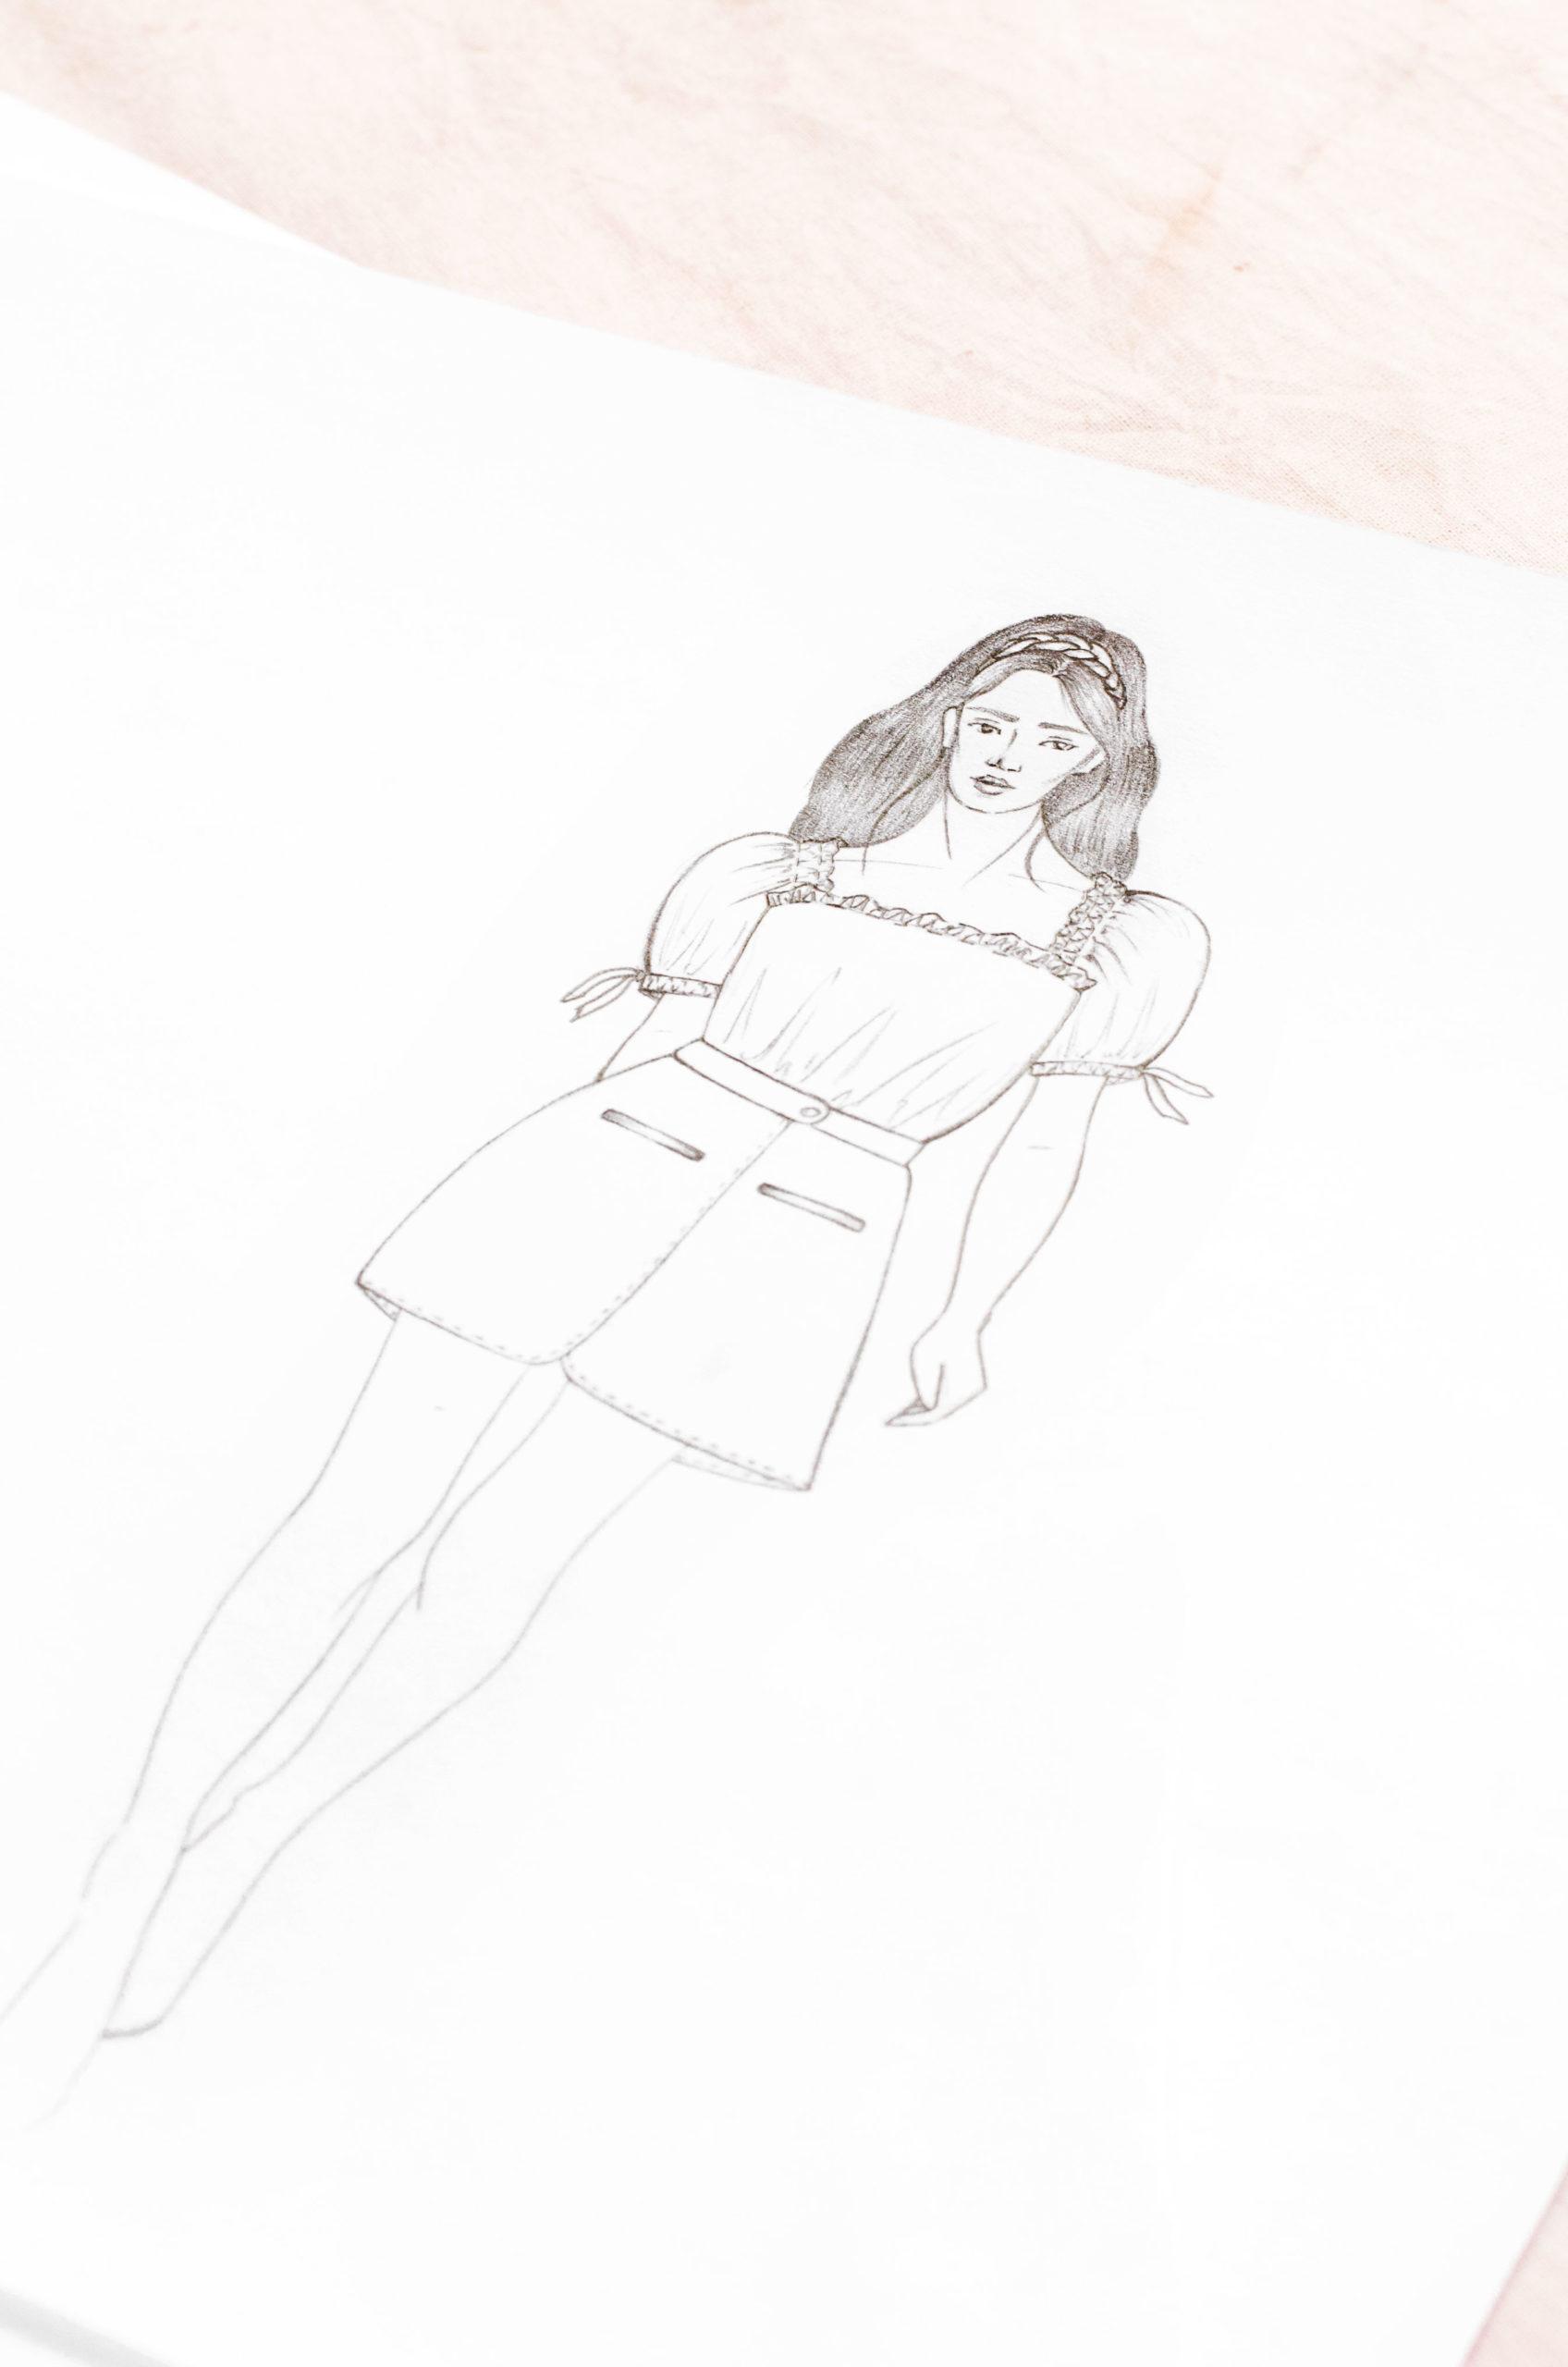 Comment trouver son propre style de croquis de mode ?